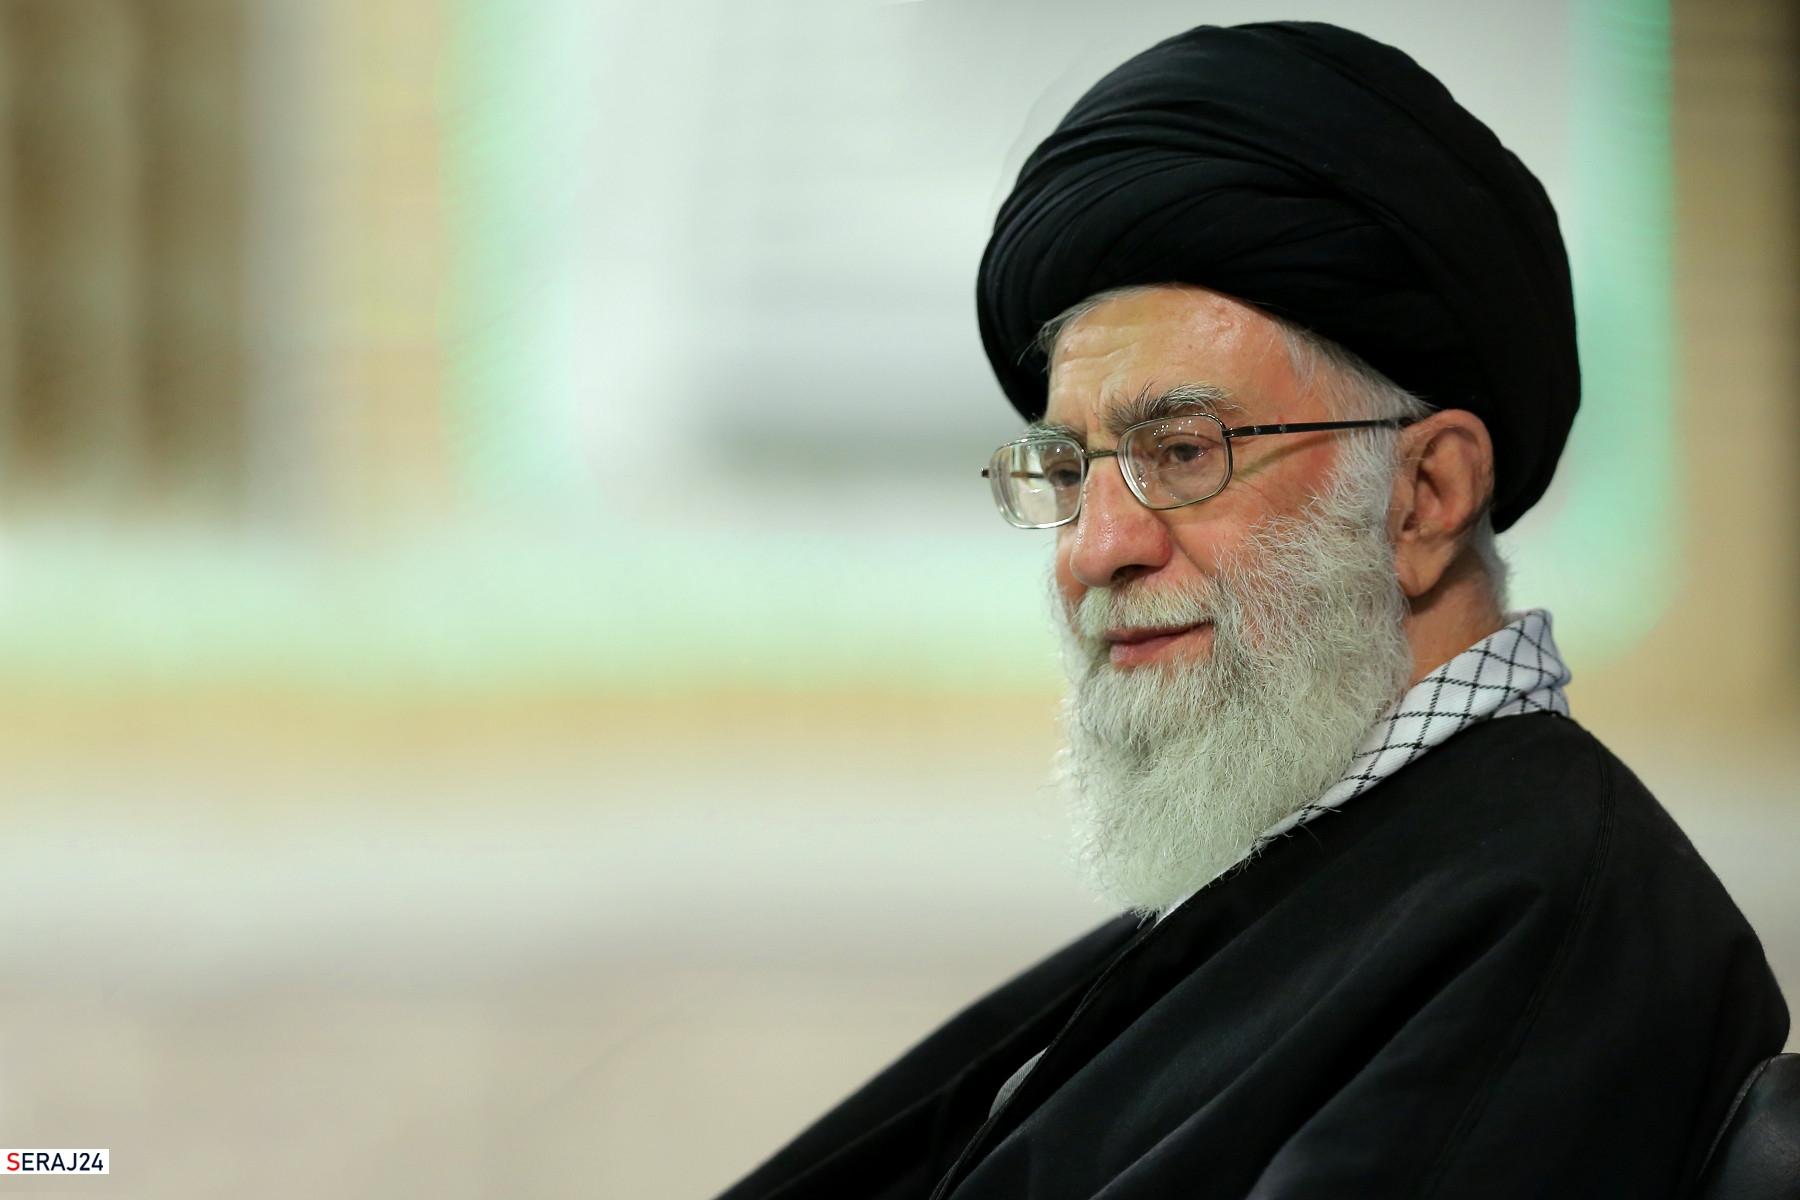 اطلاعیه دفتر رهبر انقلاب| مطلبی که درباره صالح و اصلح در رسانههای اجتماعی منتشر شده است اعتبار ندارد